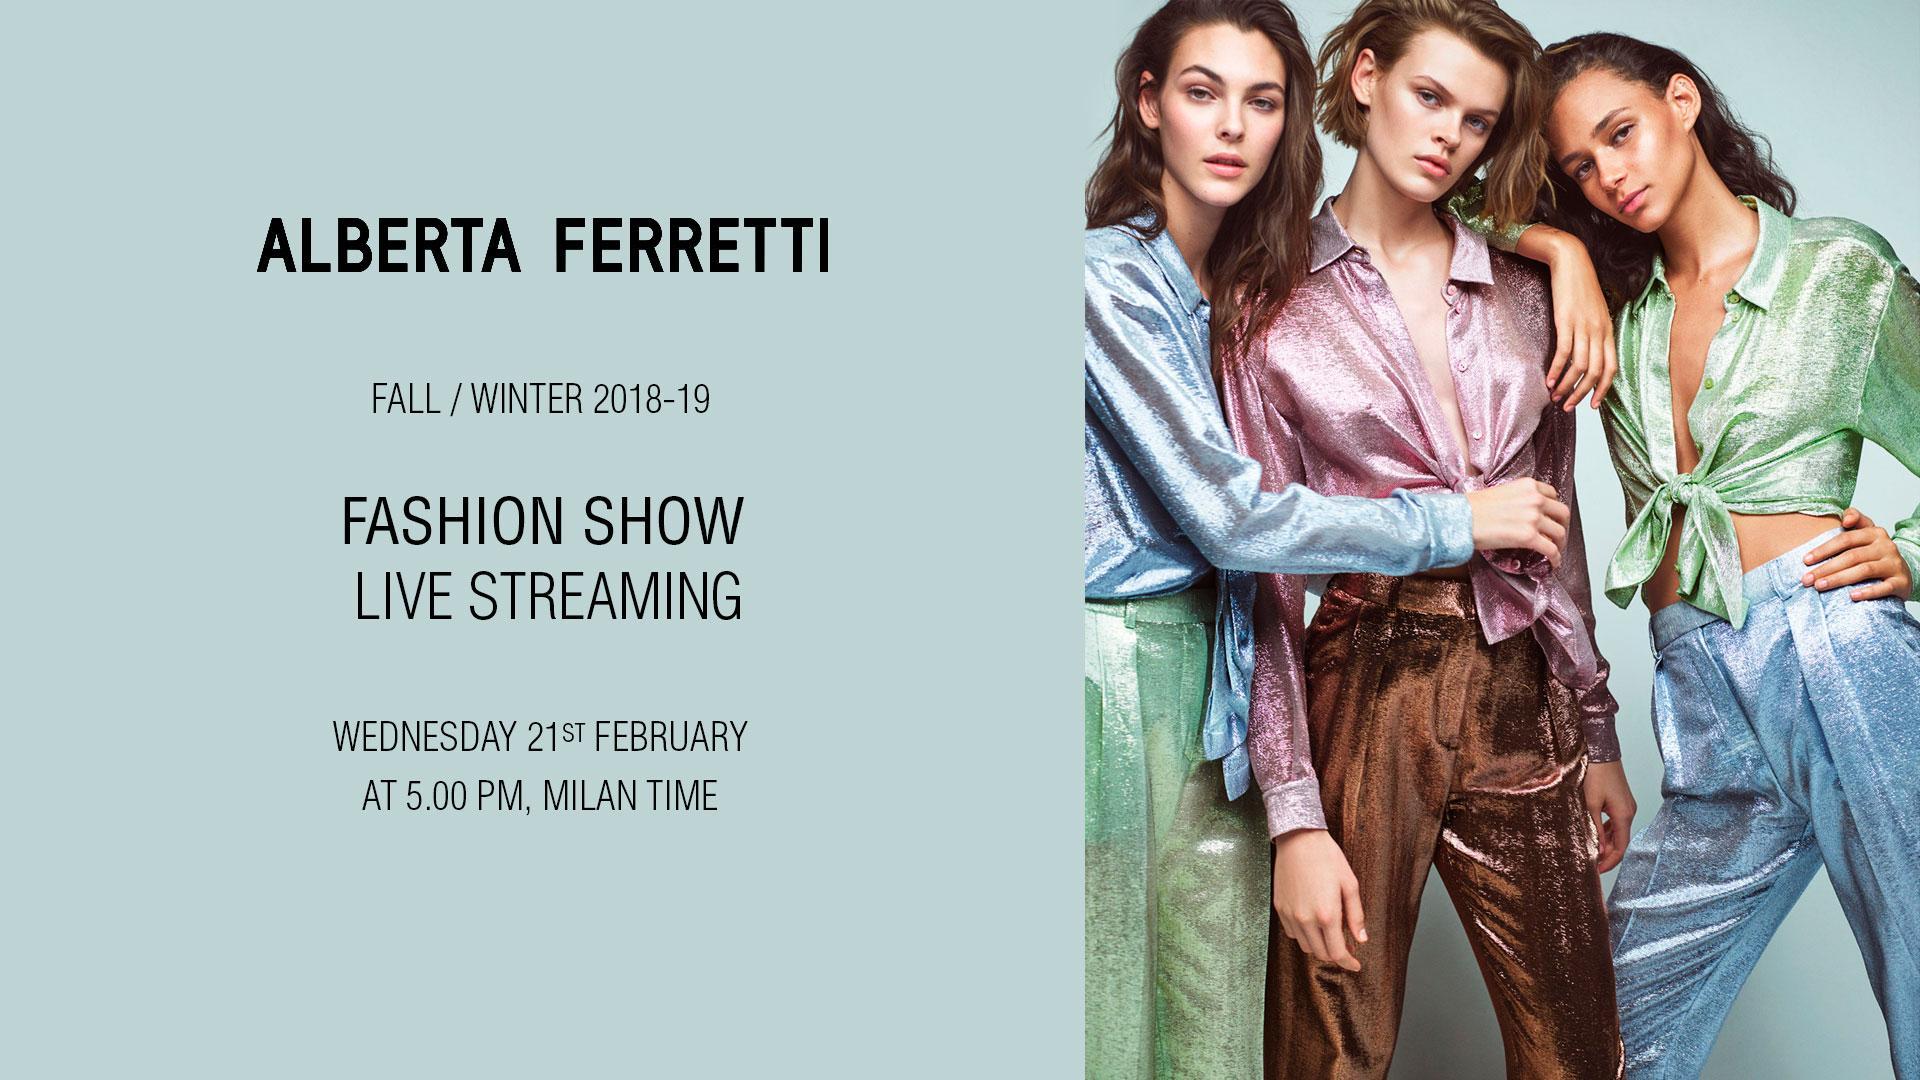 Alberta Ferretti Fall Winter 2018-19 Fashion Show Live Streaming